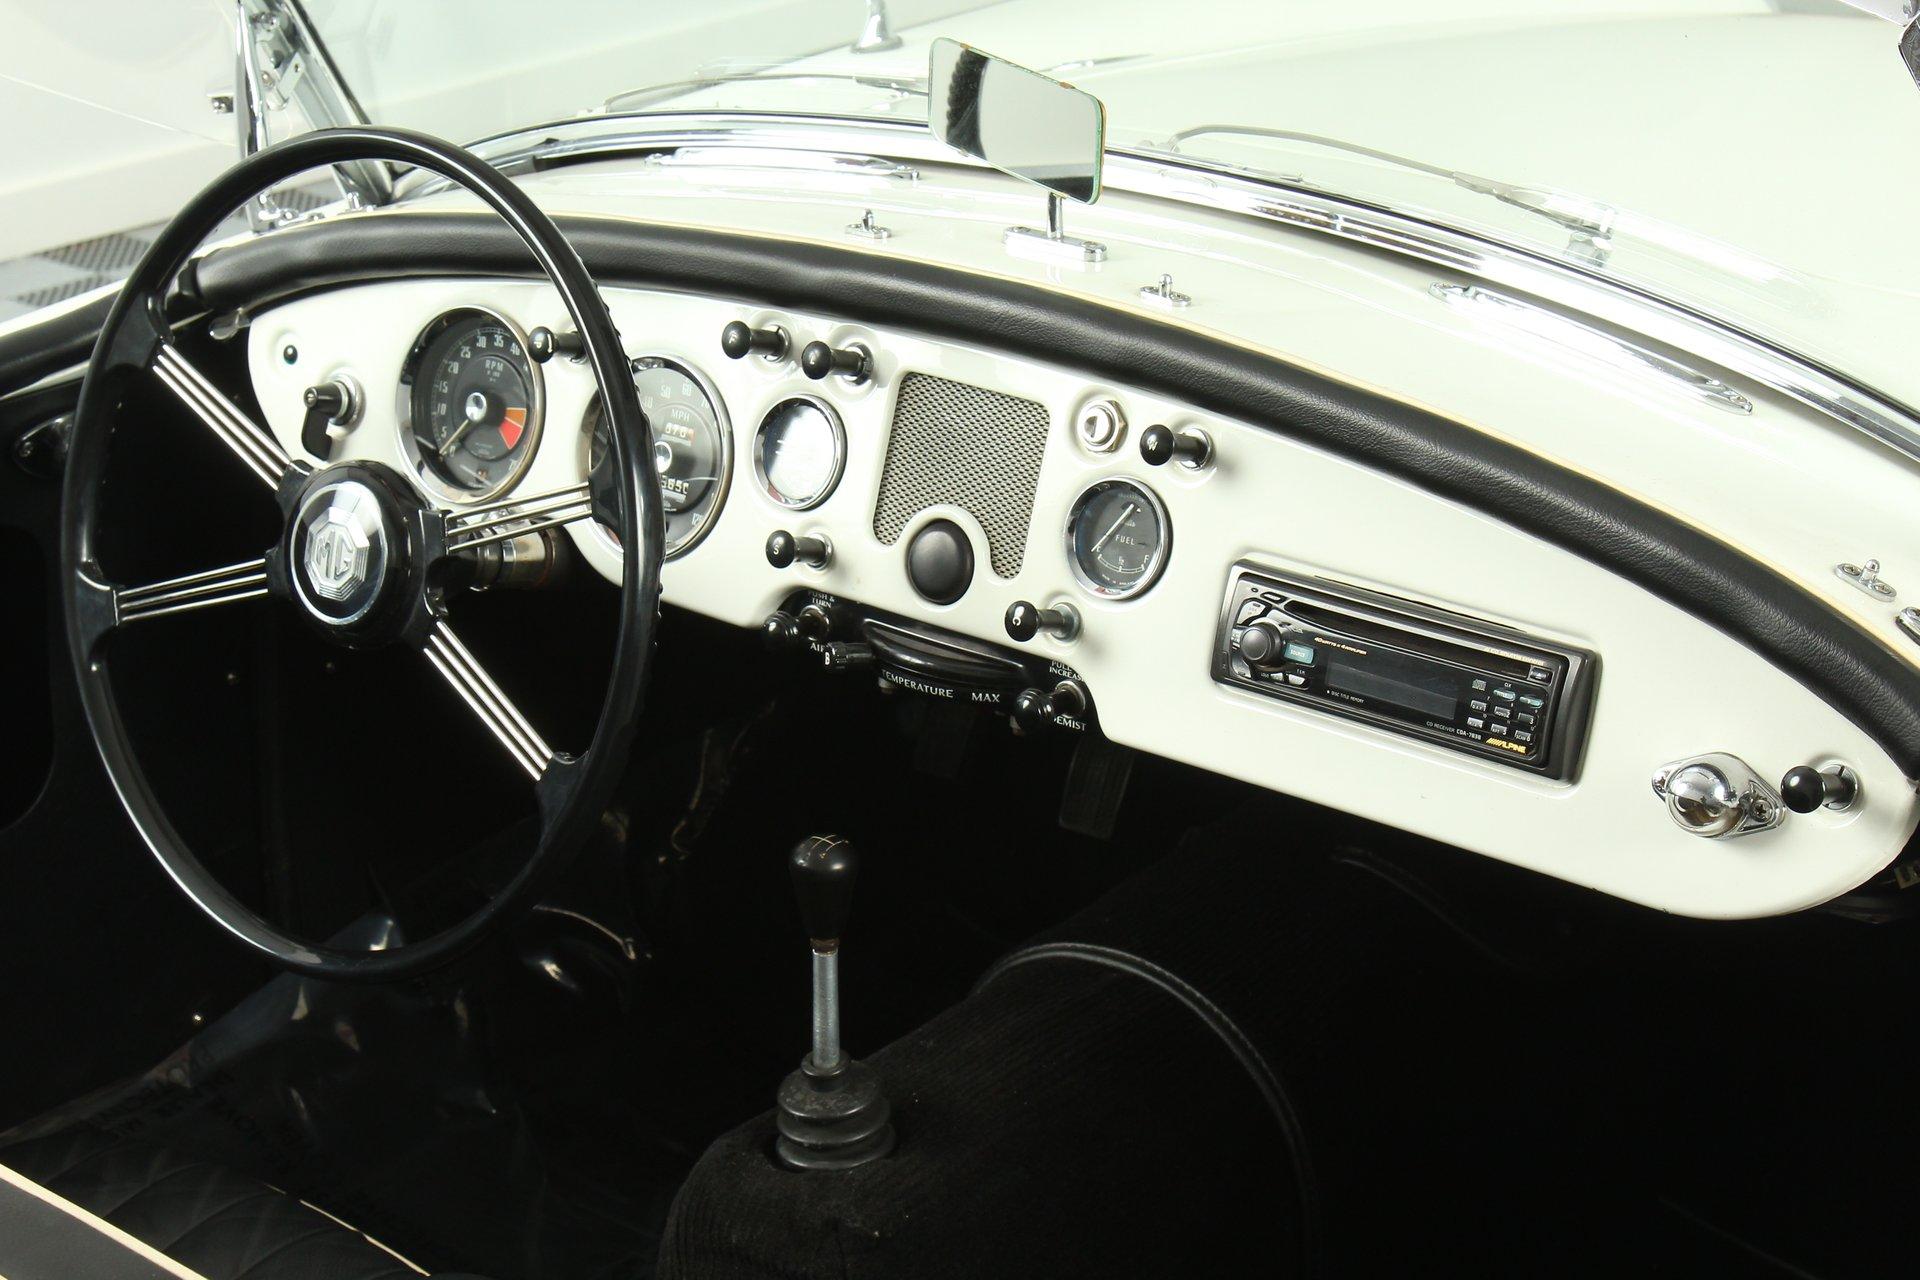 1961 MG MGA